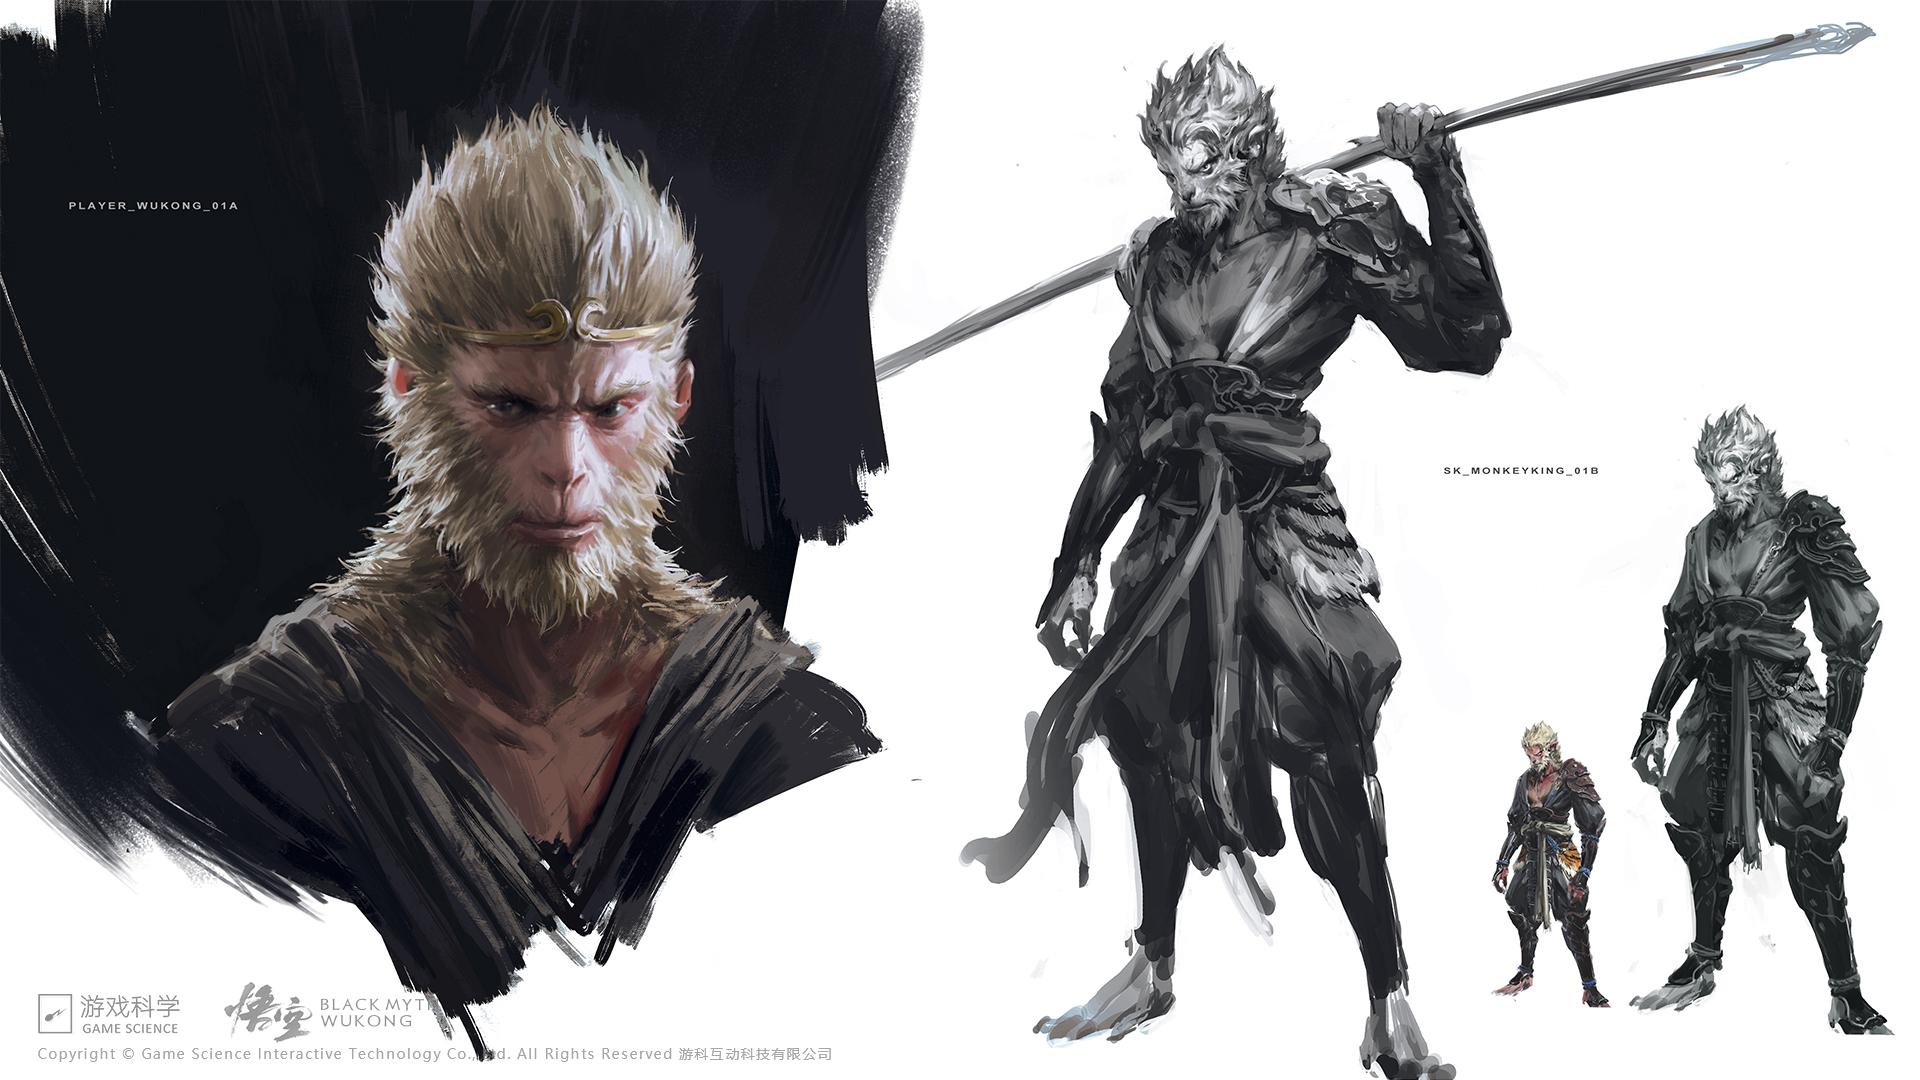 Black Myth: Wu Kong annunciato per Console e PC 37